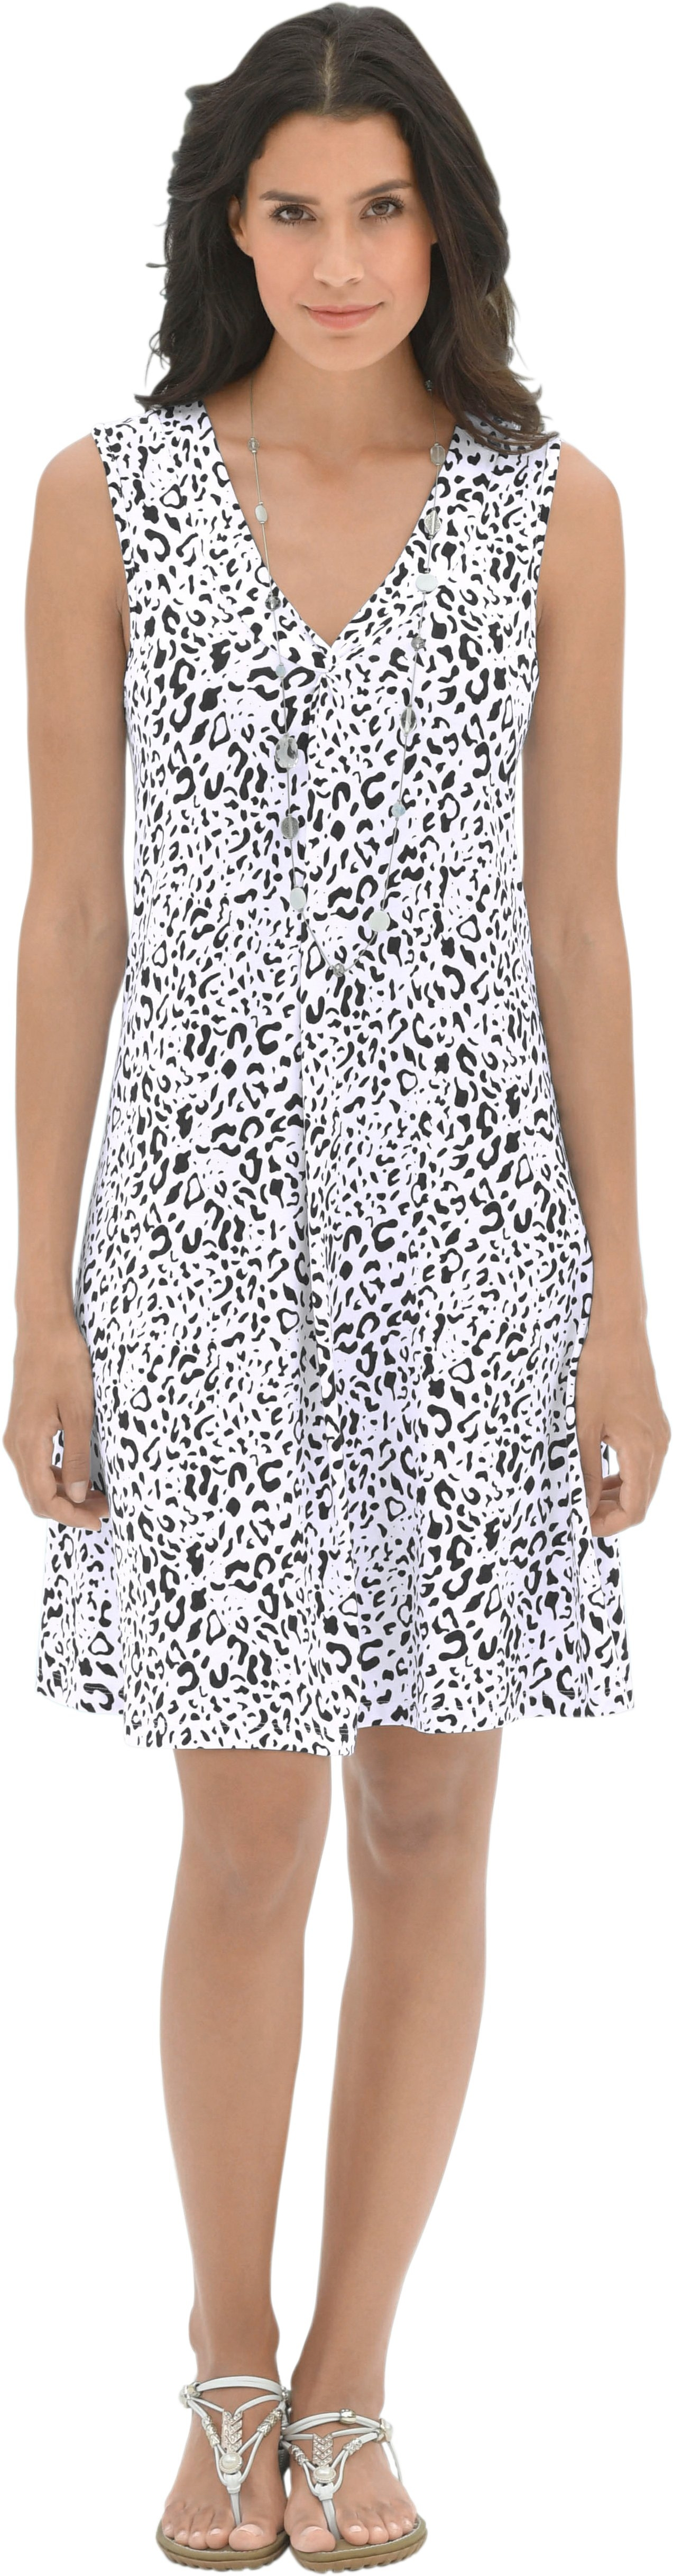 006e527b5eebb7 A-lijn jurken kopen  Kies uit een gevarieerd aanbod A-lijn jurken